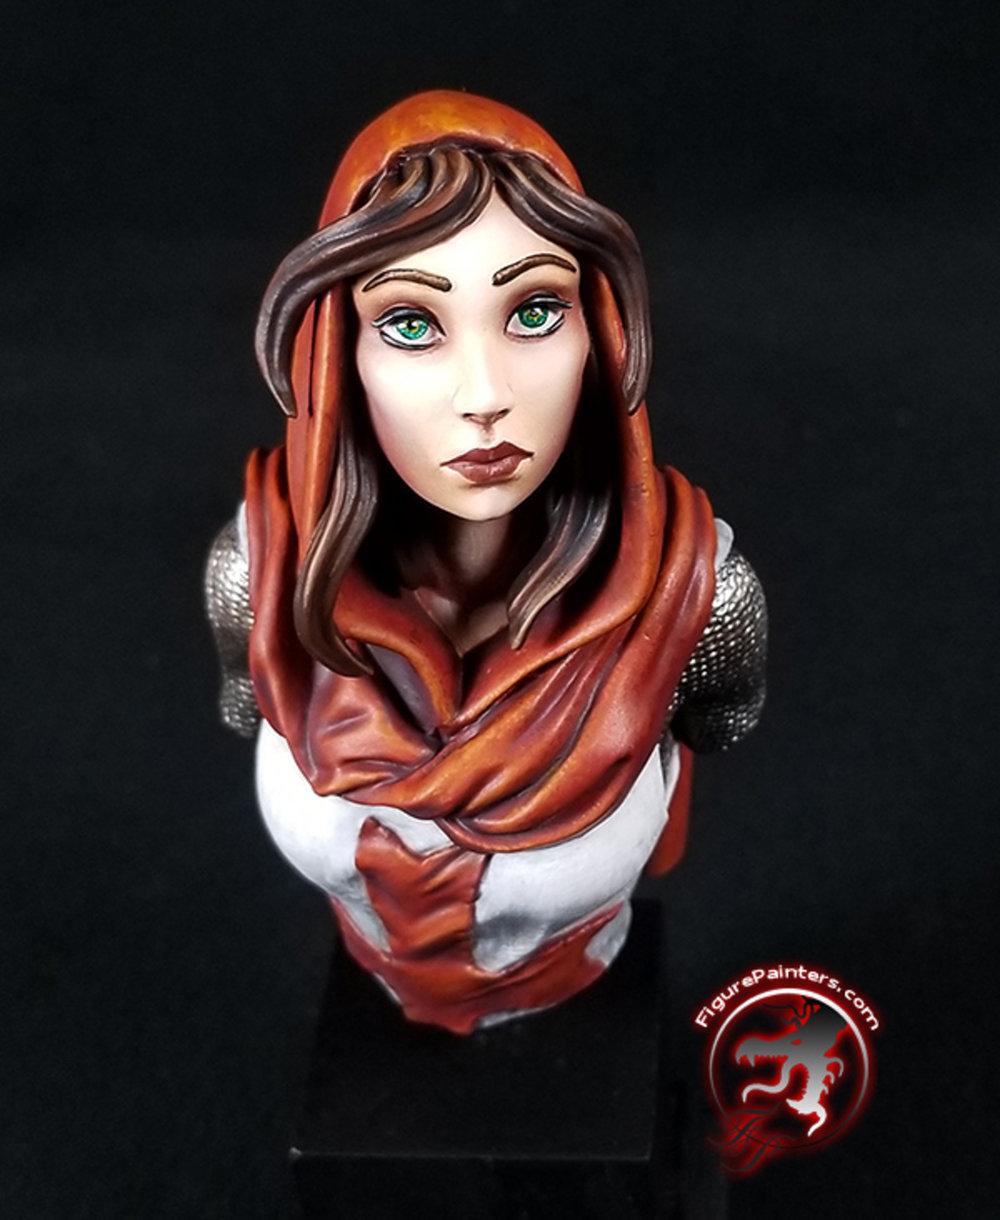 crusader-girl-02.jpg